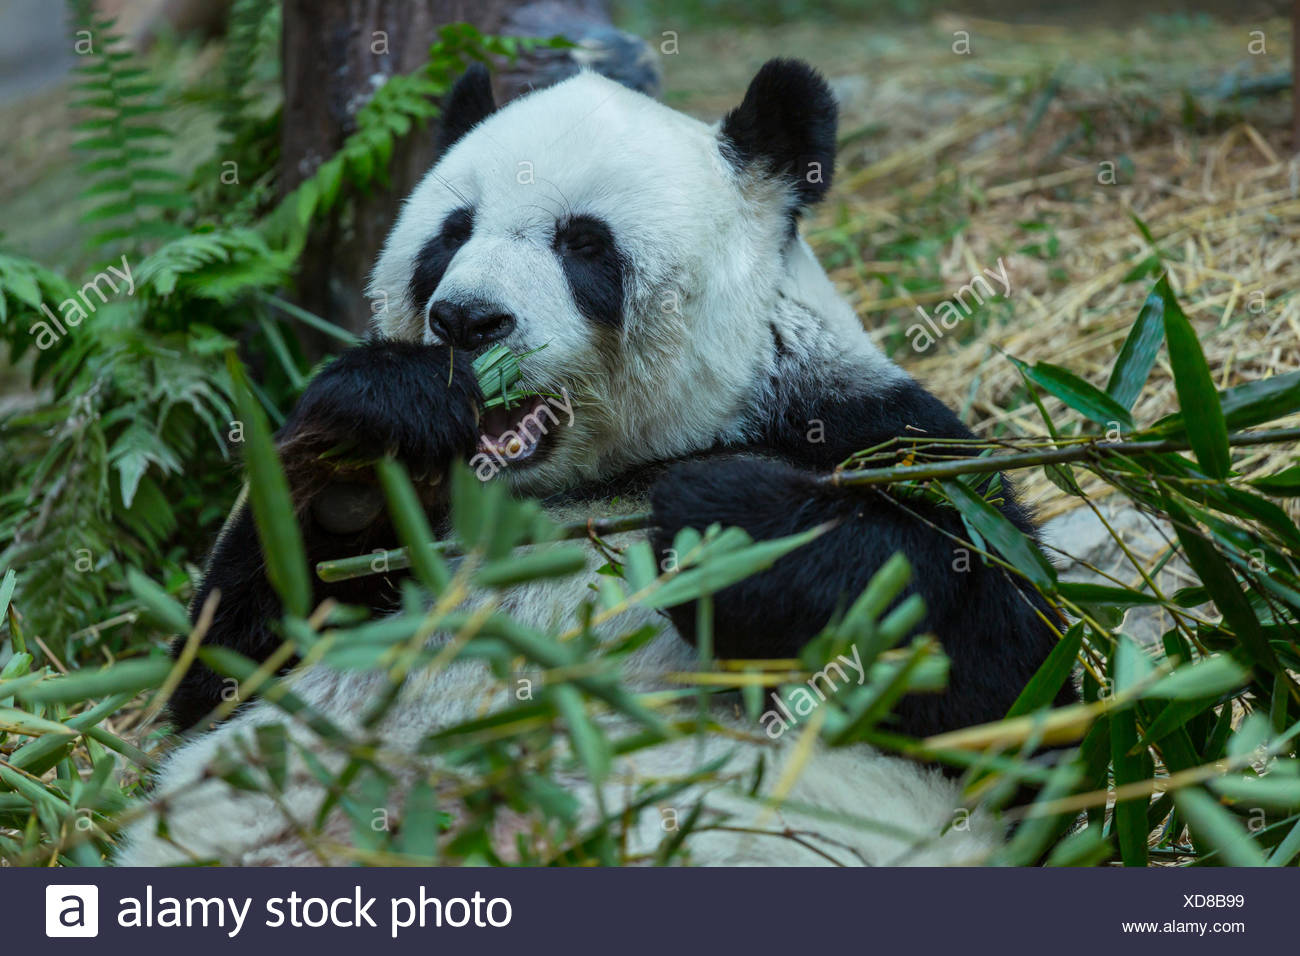 Schön Pandabär Malvorlagen Zum Ausdrucken Galerie - Beispiel ...